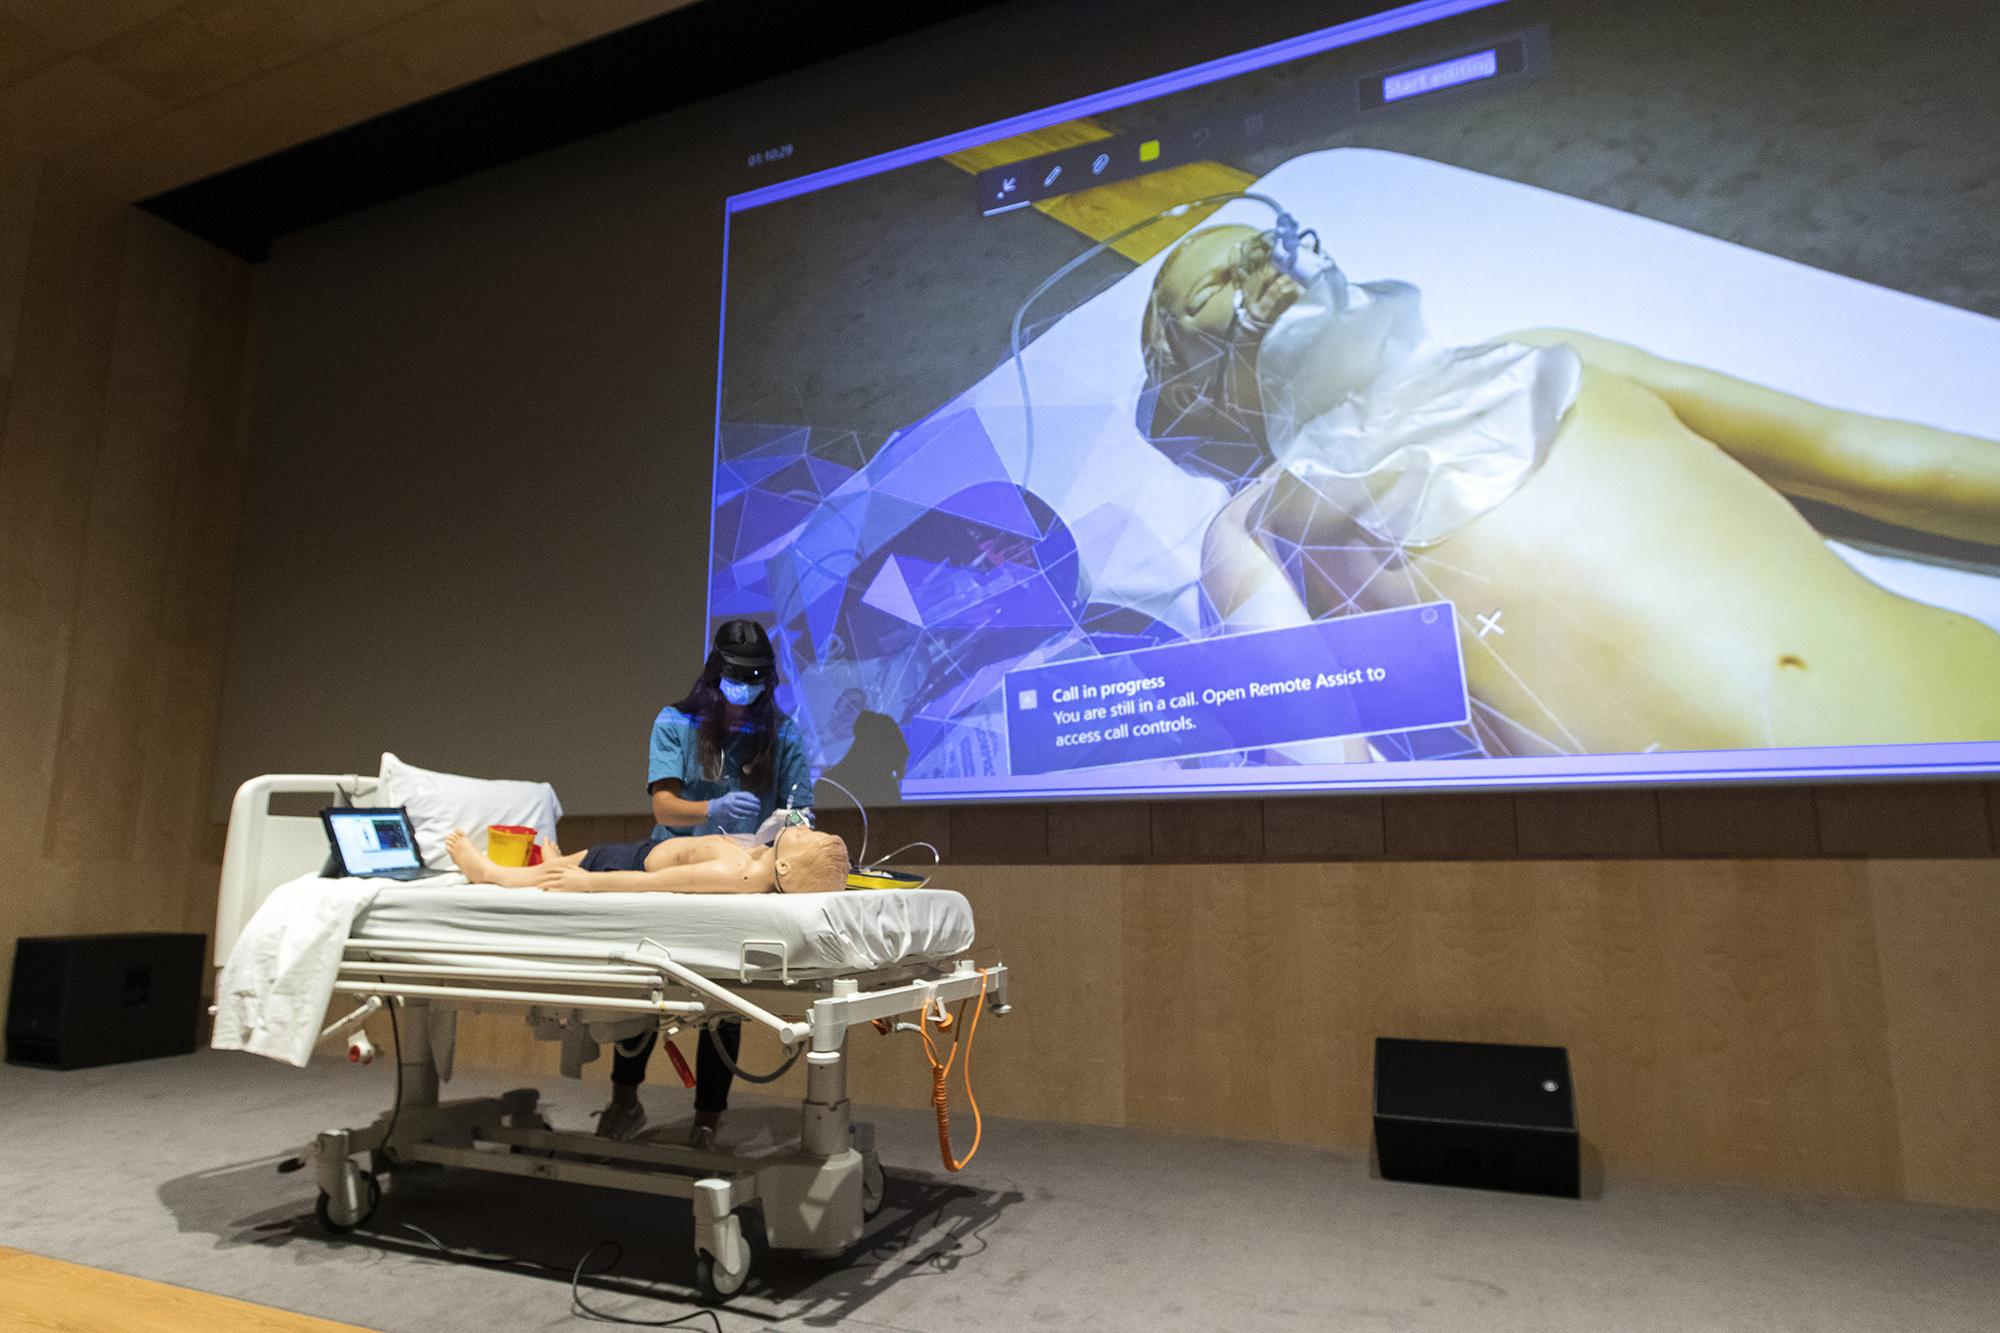 O Hospital da Luz é o 1º hospital equipado com tecnologia 5G - 16JUN21